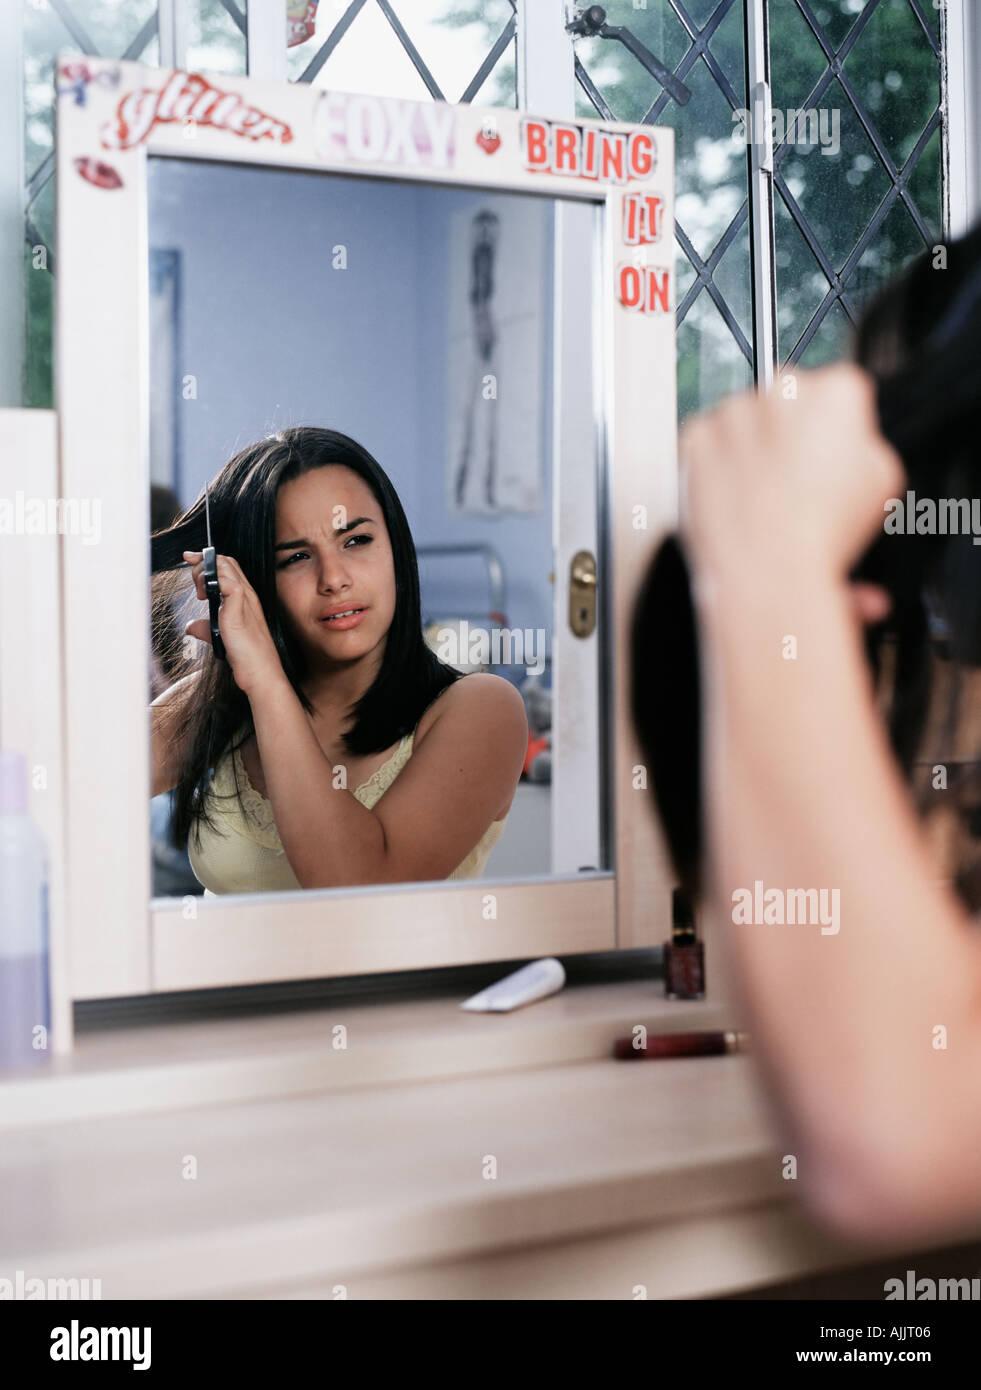 Chica cortar su propio cabello Imagen De Stock